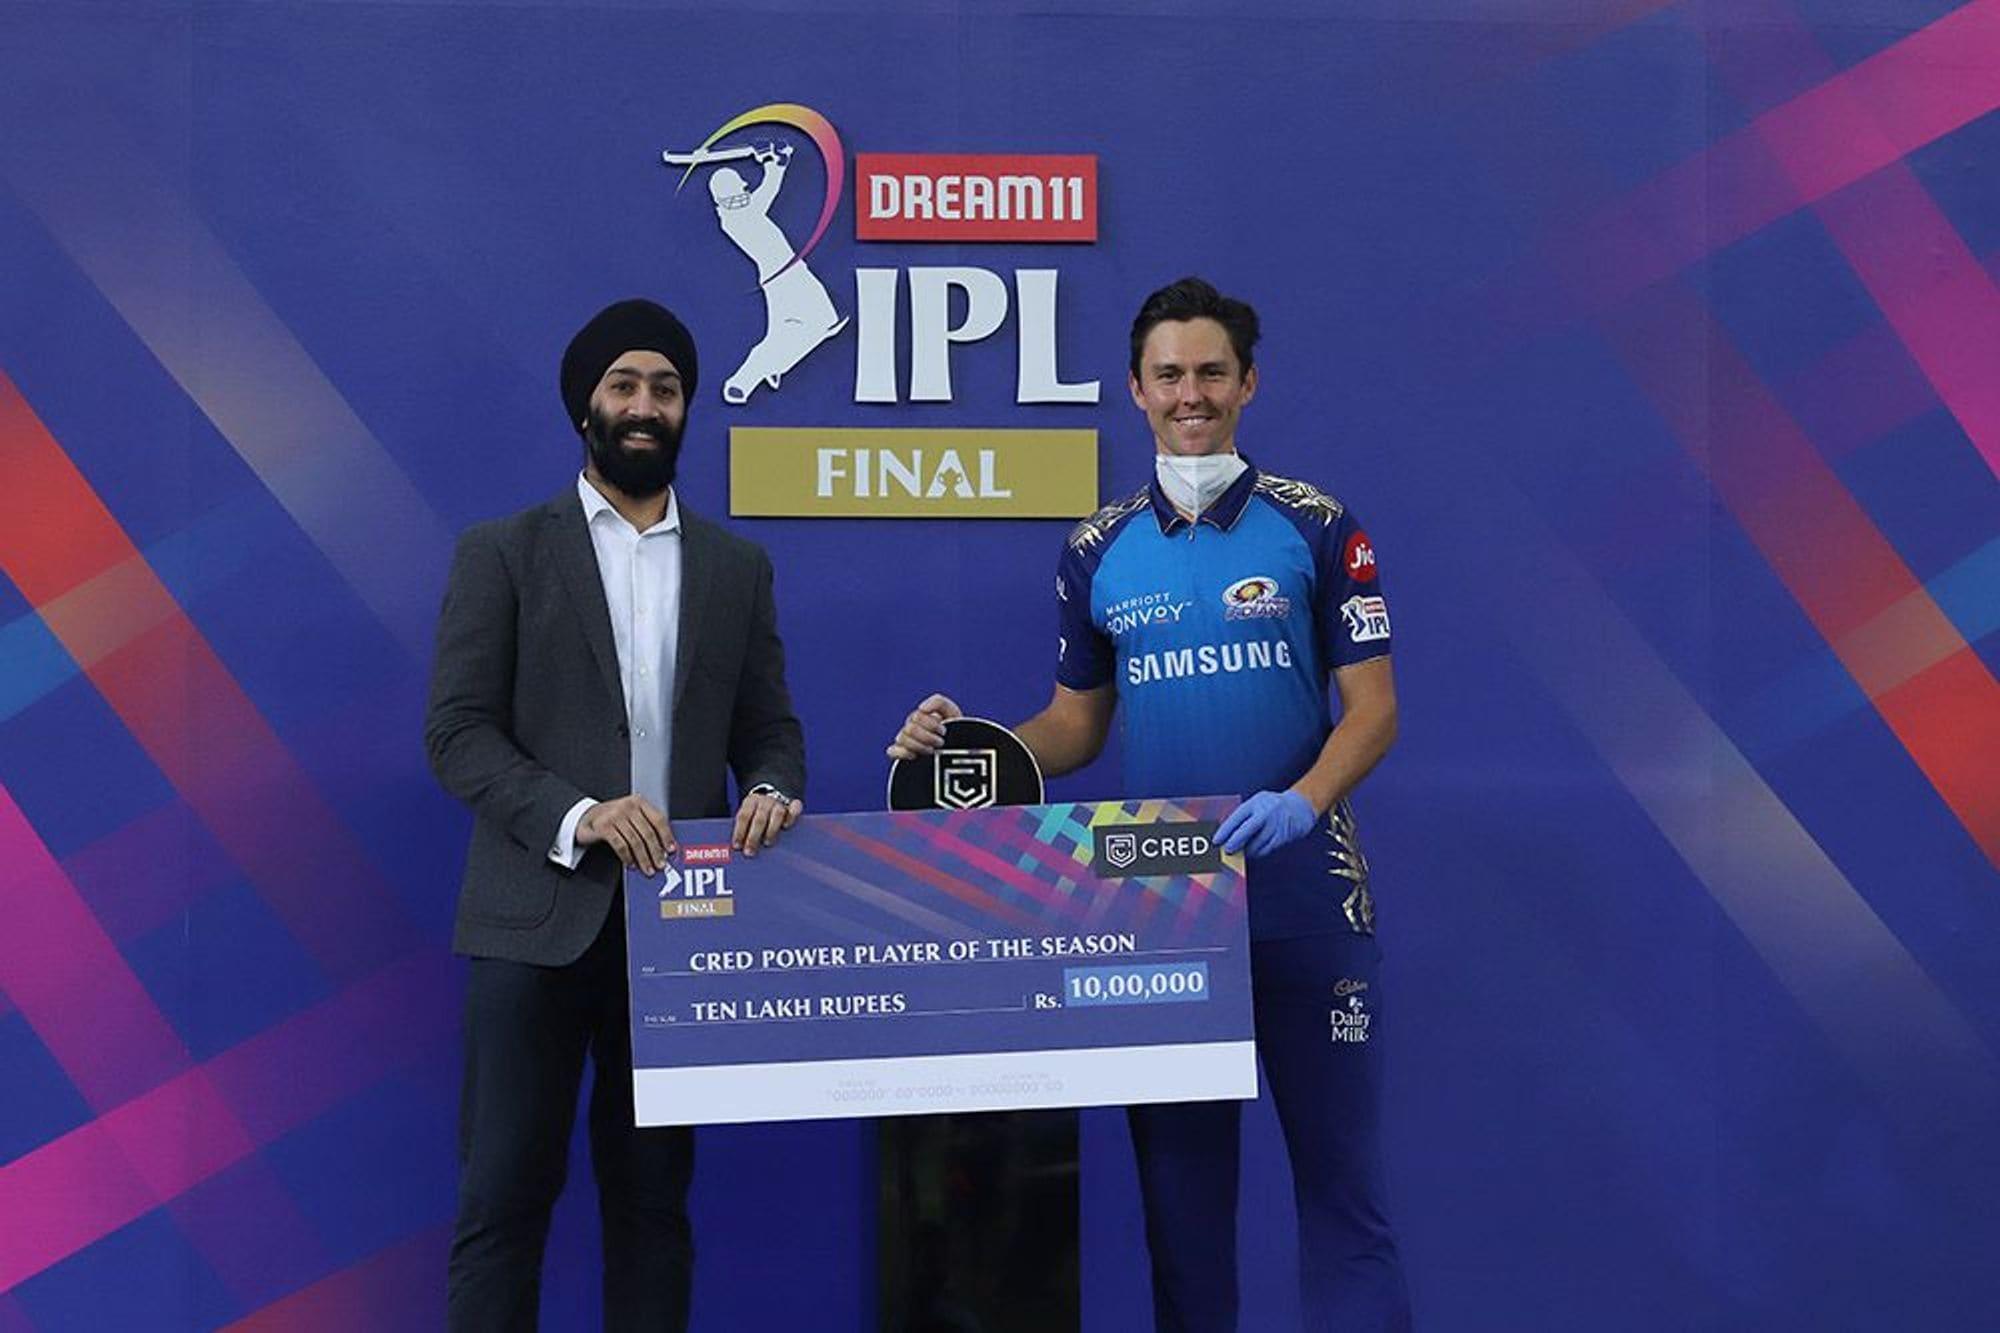 পাওয়ারপ্লেয়ার অফ দ্য সিজন- ট্রেন্ট বোল্ট Photo Courtesy: IPL/BCCI